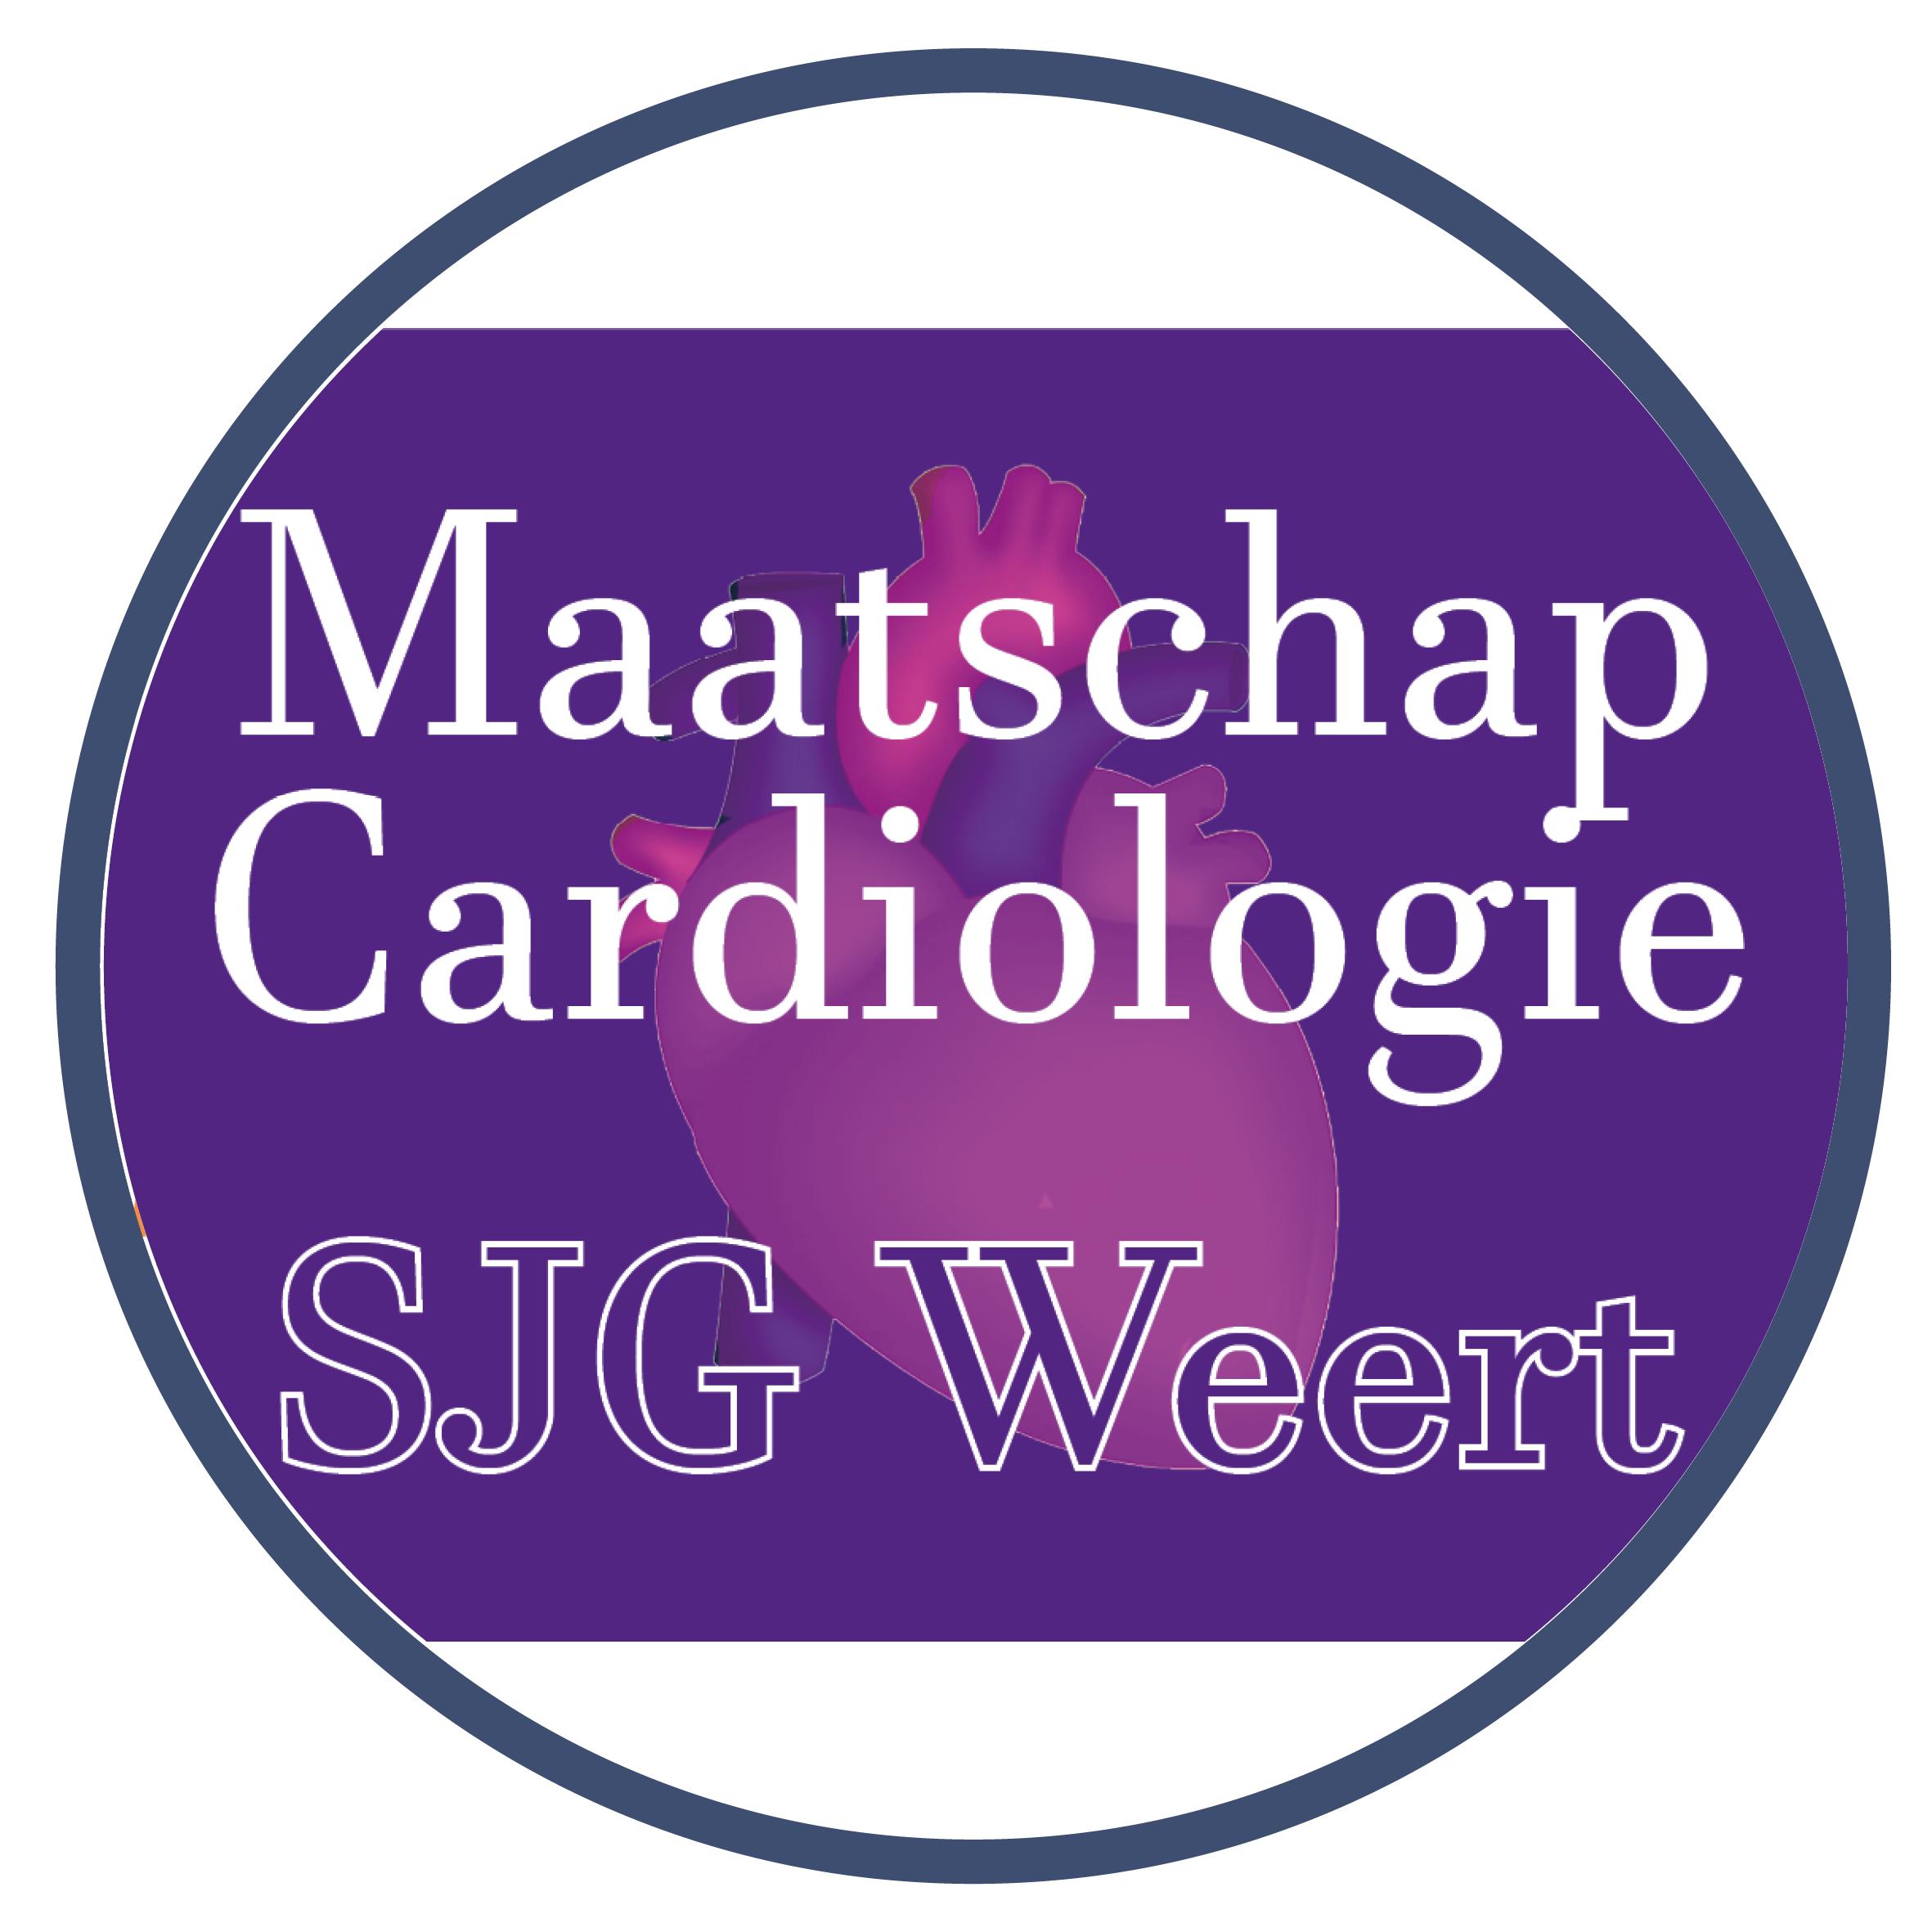 Maatschap Cardiologie